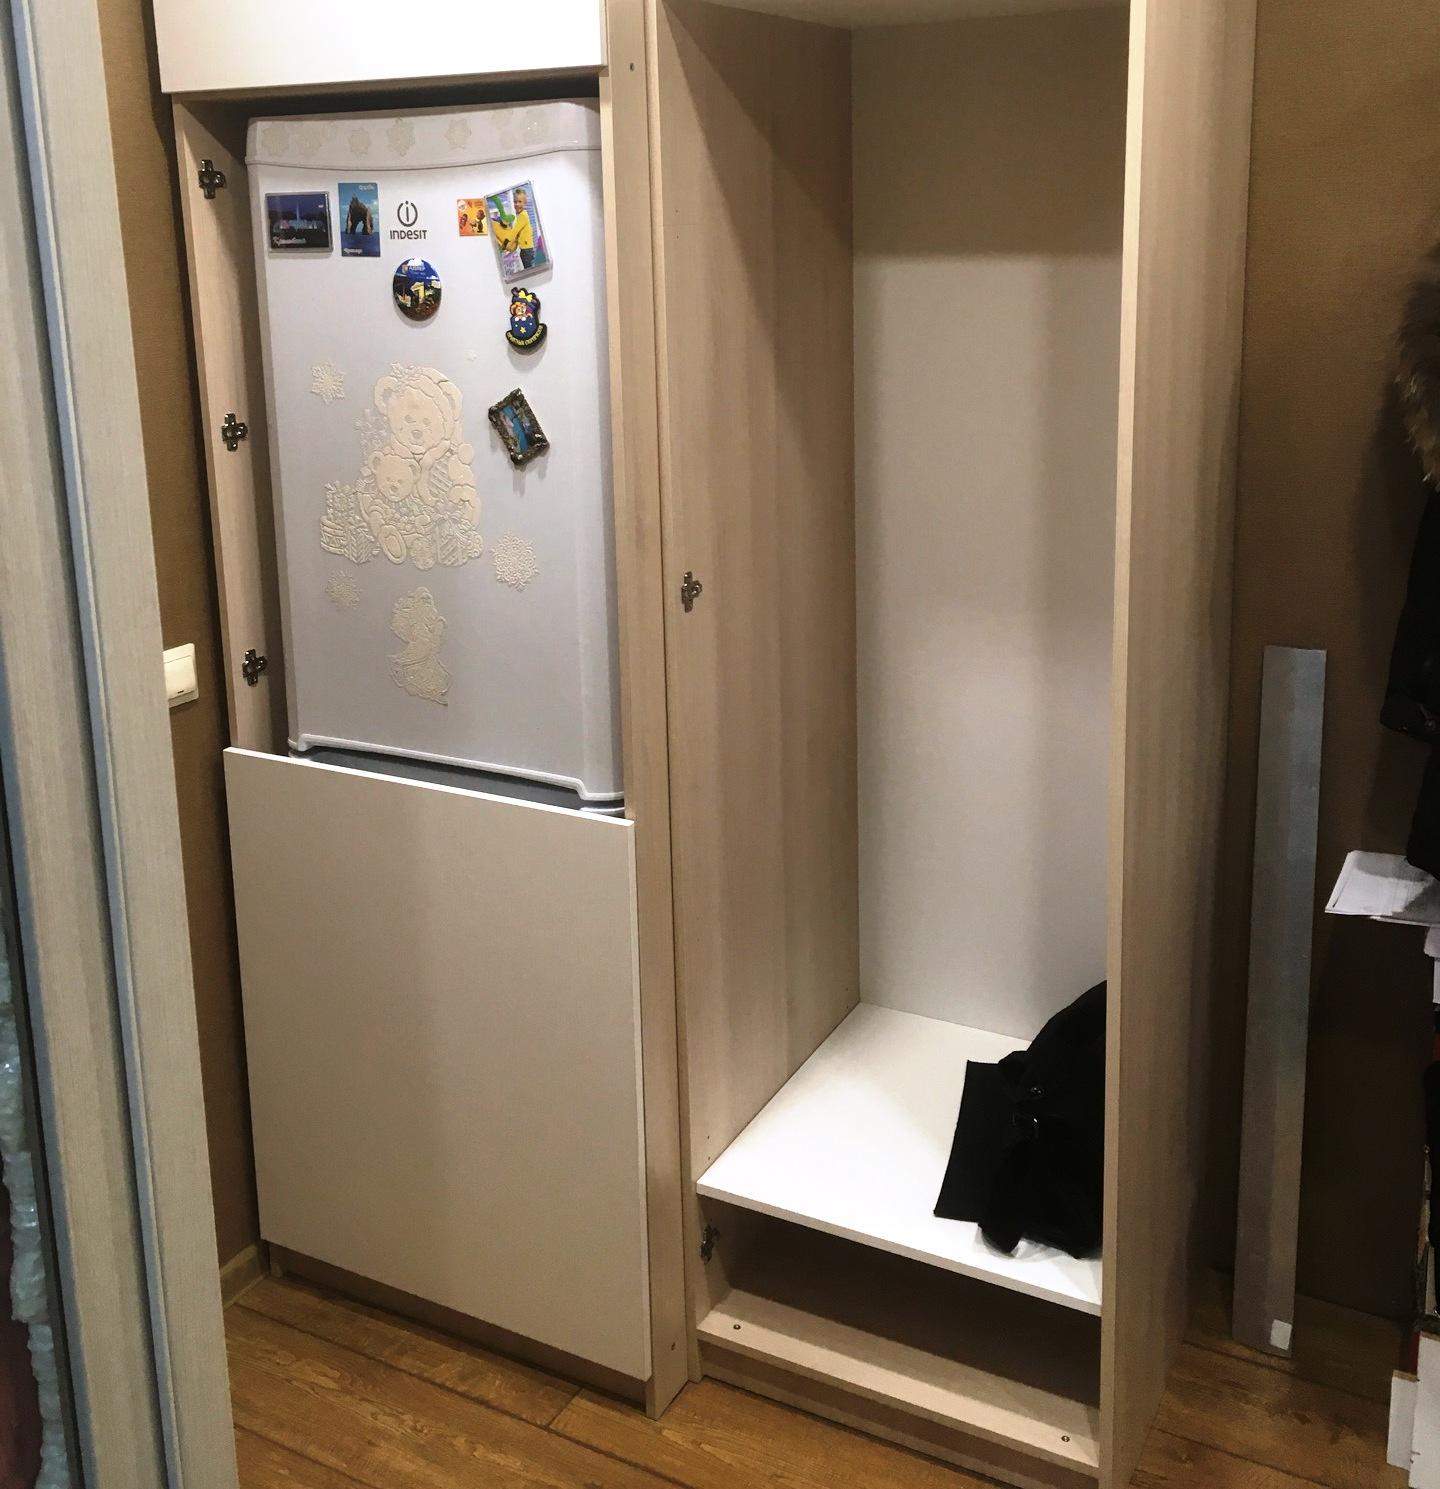 мини холодильни встроенный в мебель прихожей